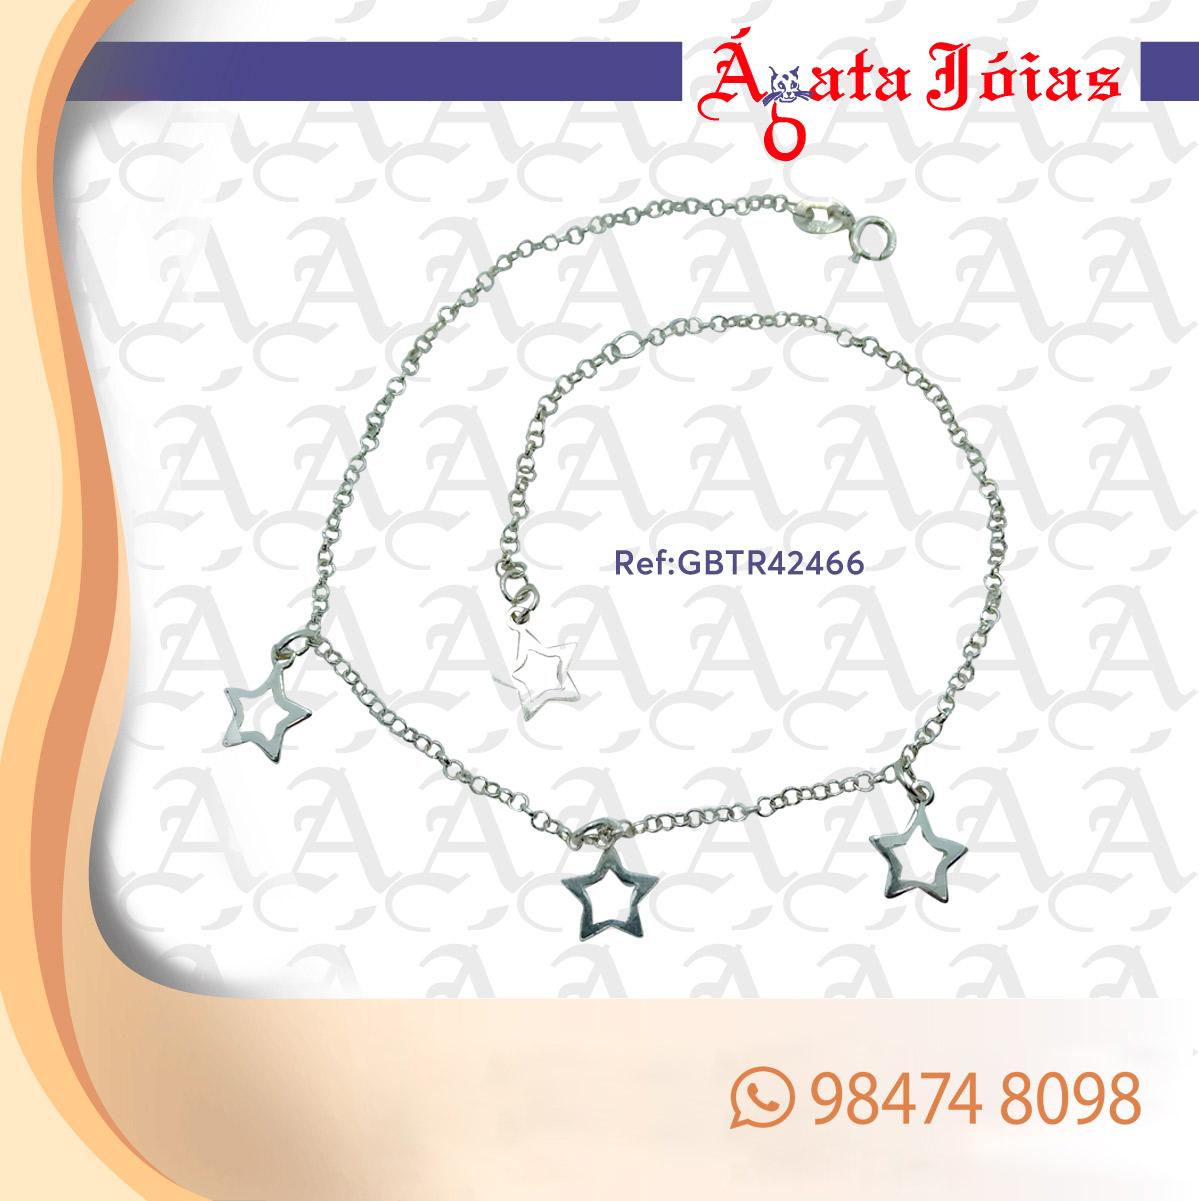 GBTR42466